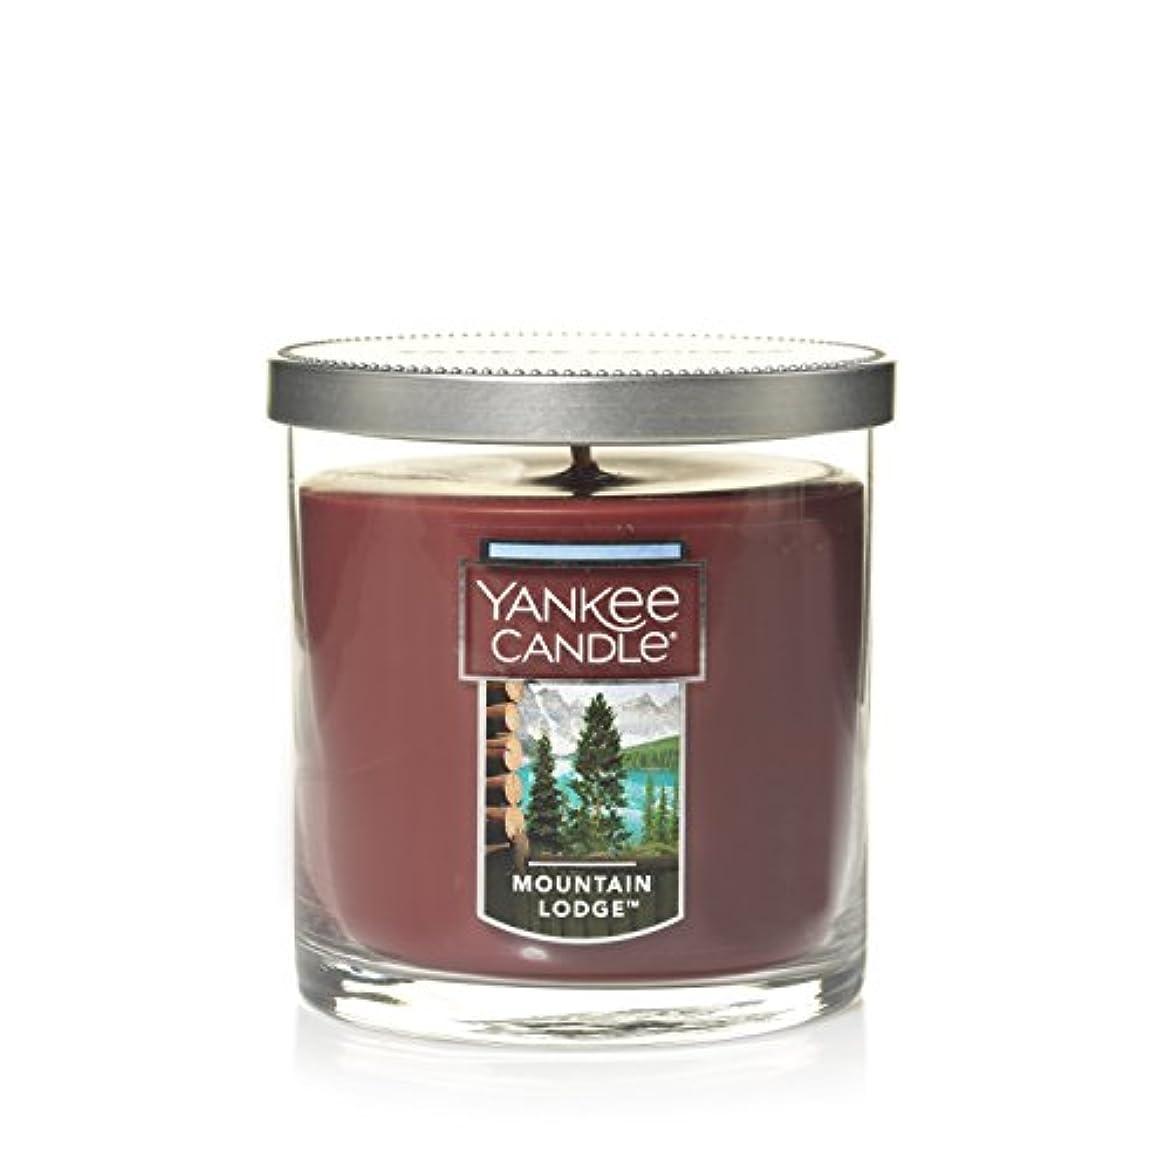 肘読み書きのできない小川Yankee Candle Lサイズ ジャーキャンドル、マウンテンロッジ Small Tumbler Candle ブラウン 1187963Z